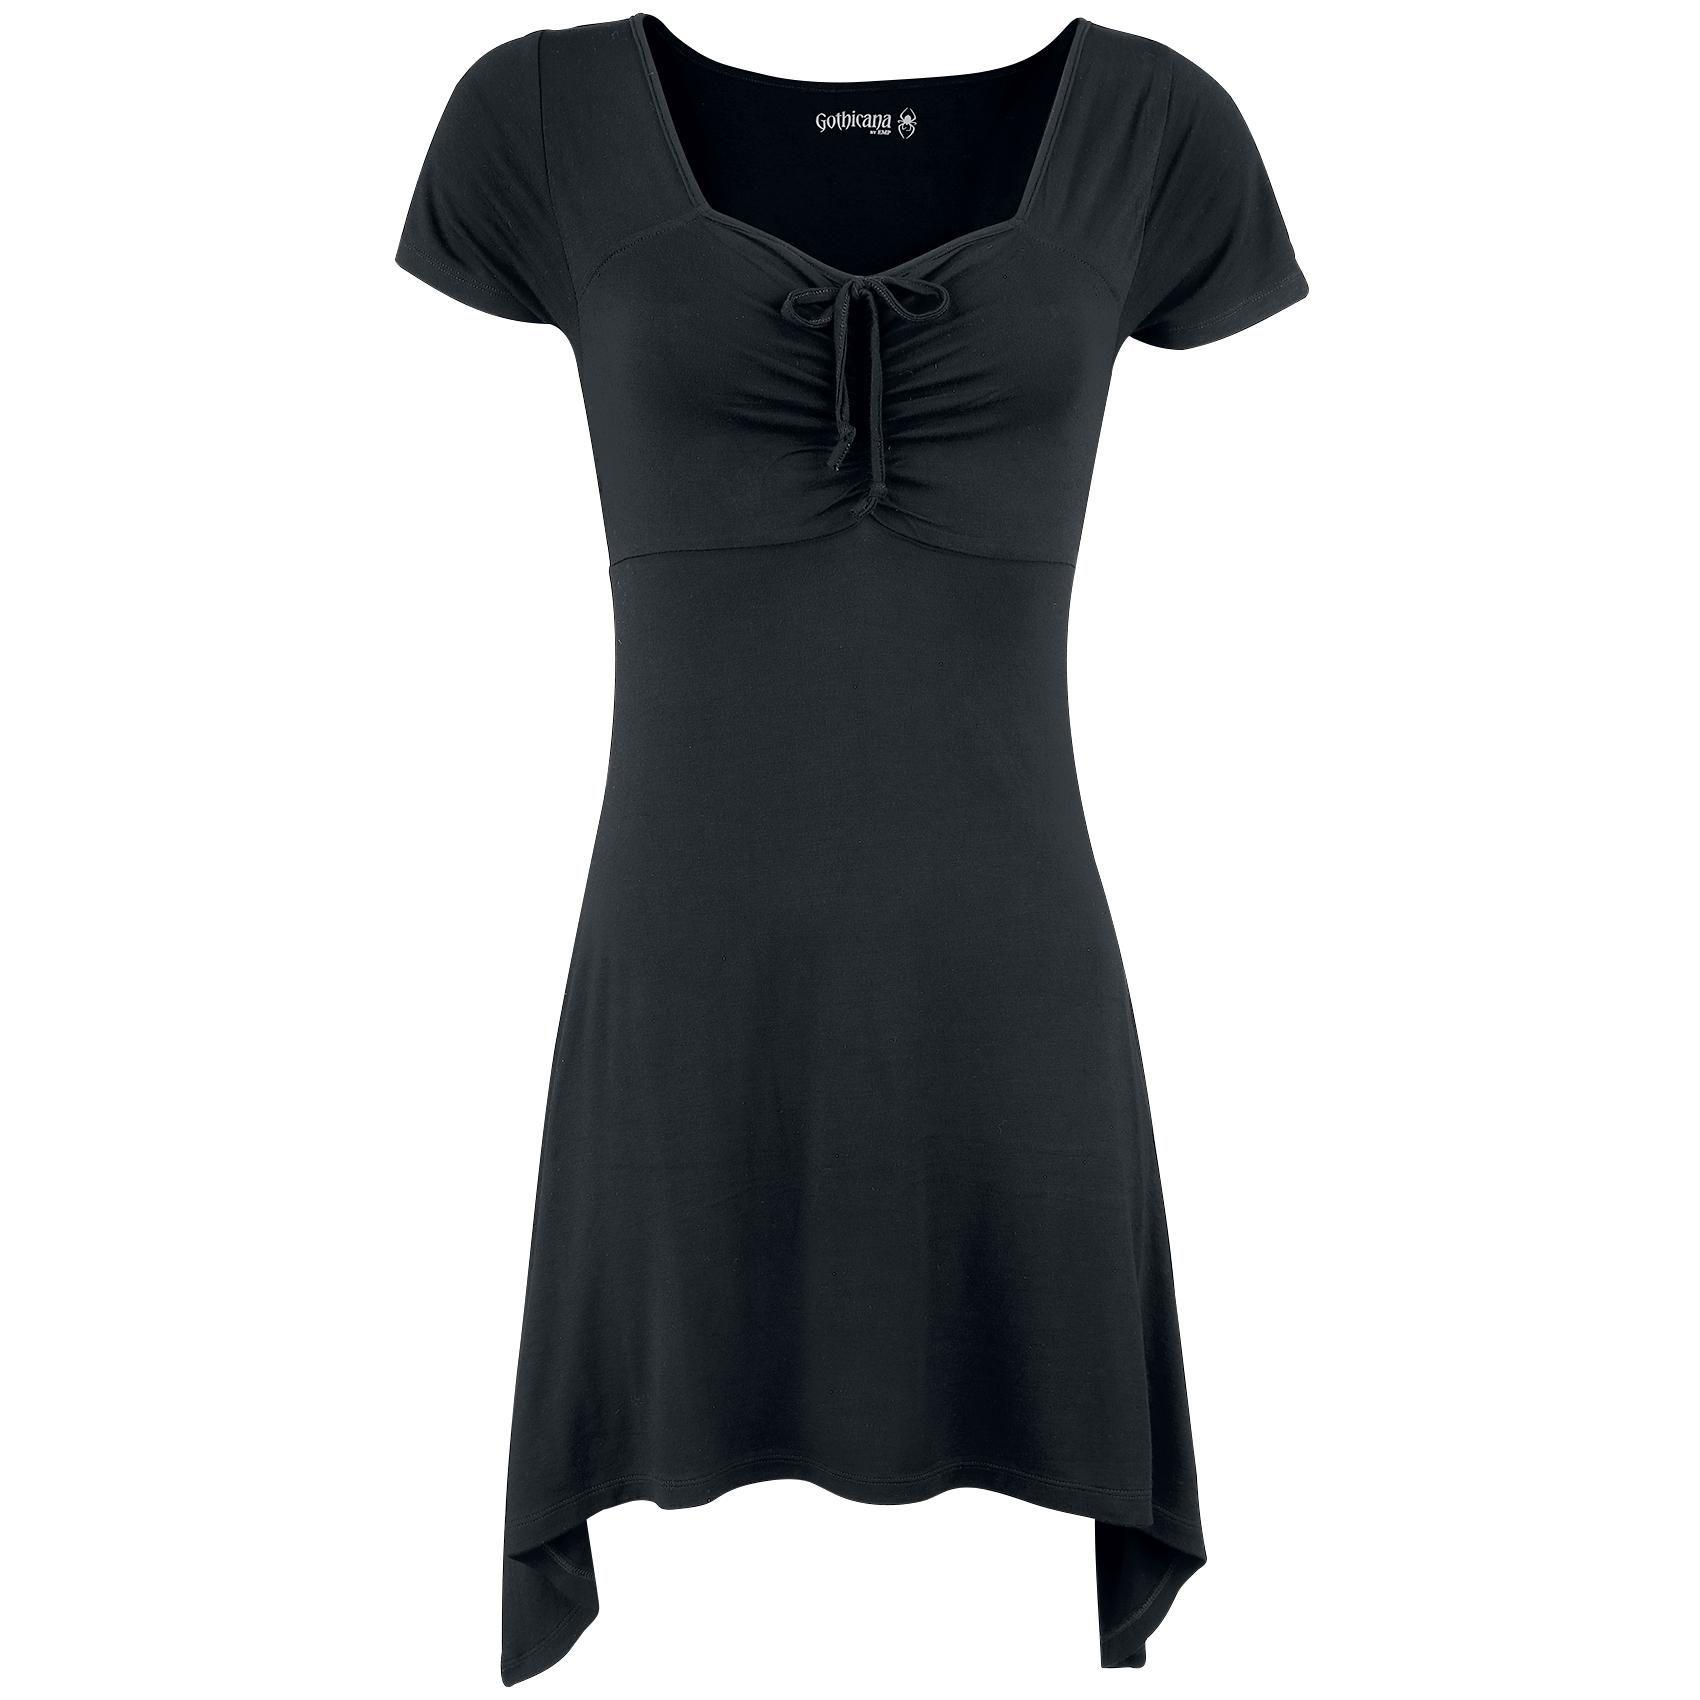 Ruffled Longshirt - T-skjorte etter Gothicana by EMP